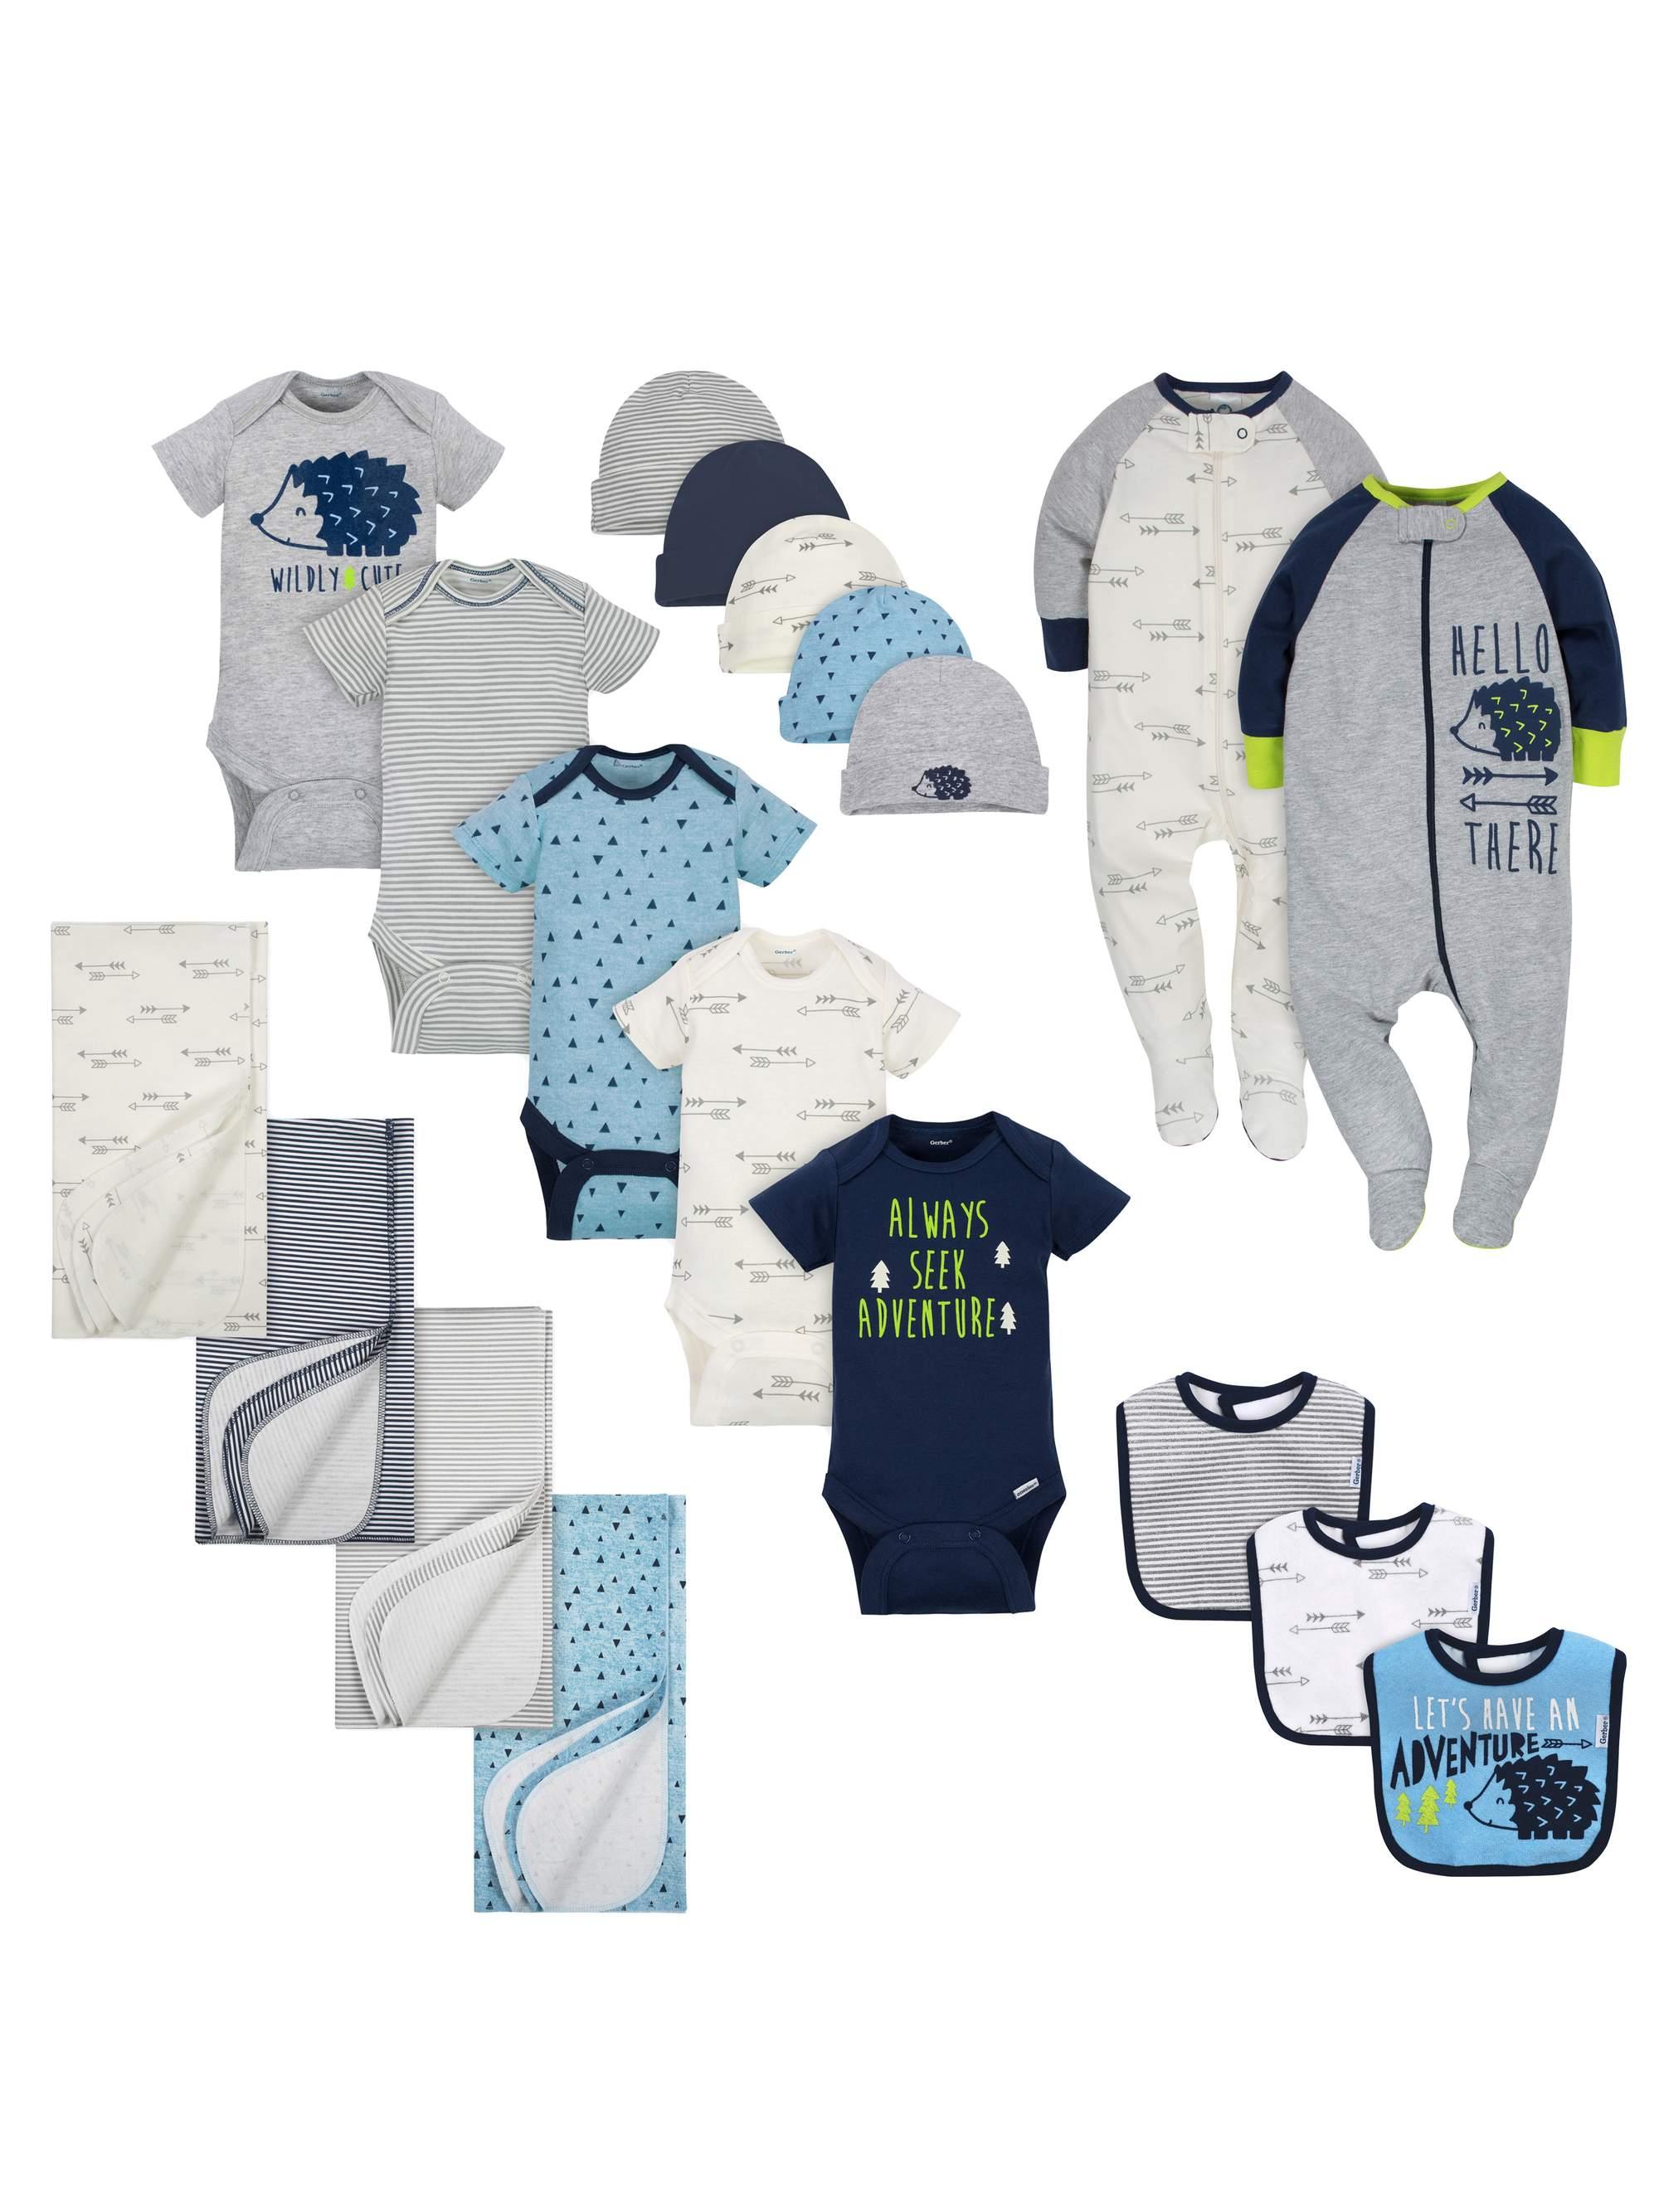 Layette Essentials Baby Shower Gift Set, 19pc (Baby Boy)